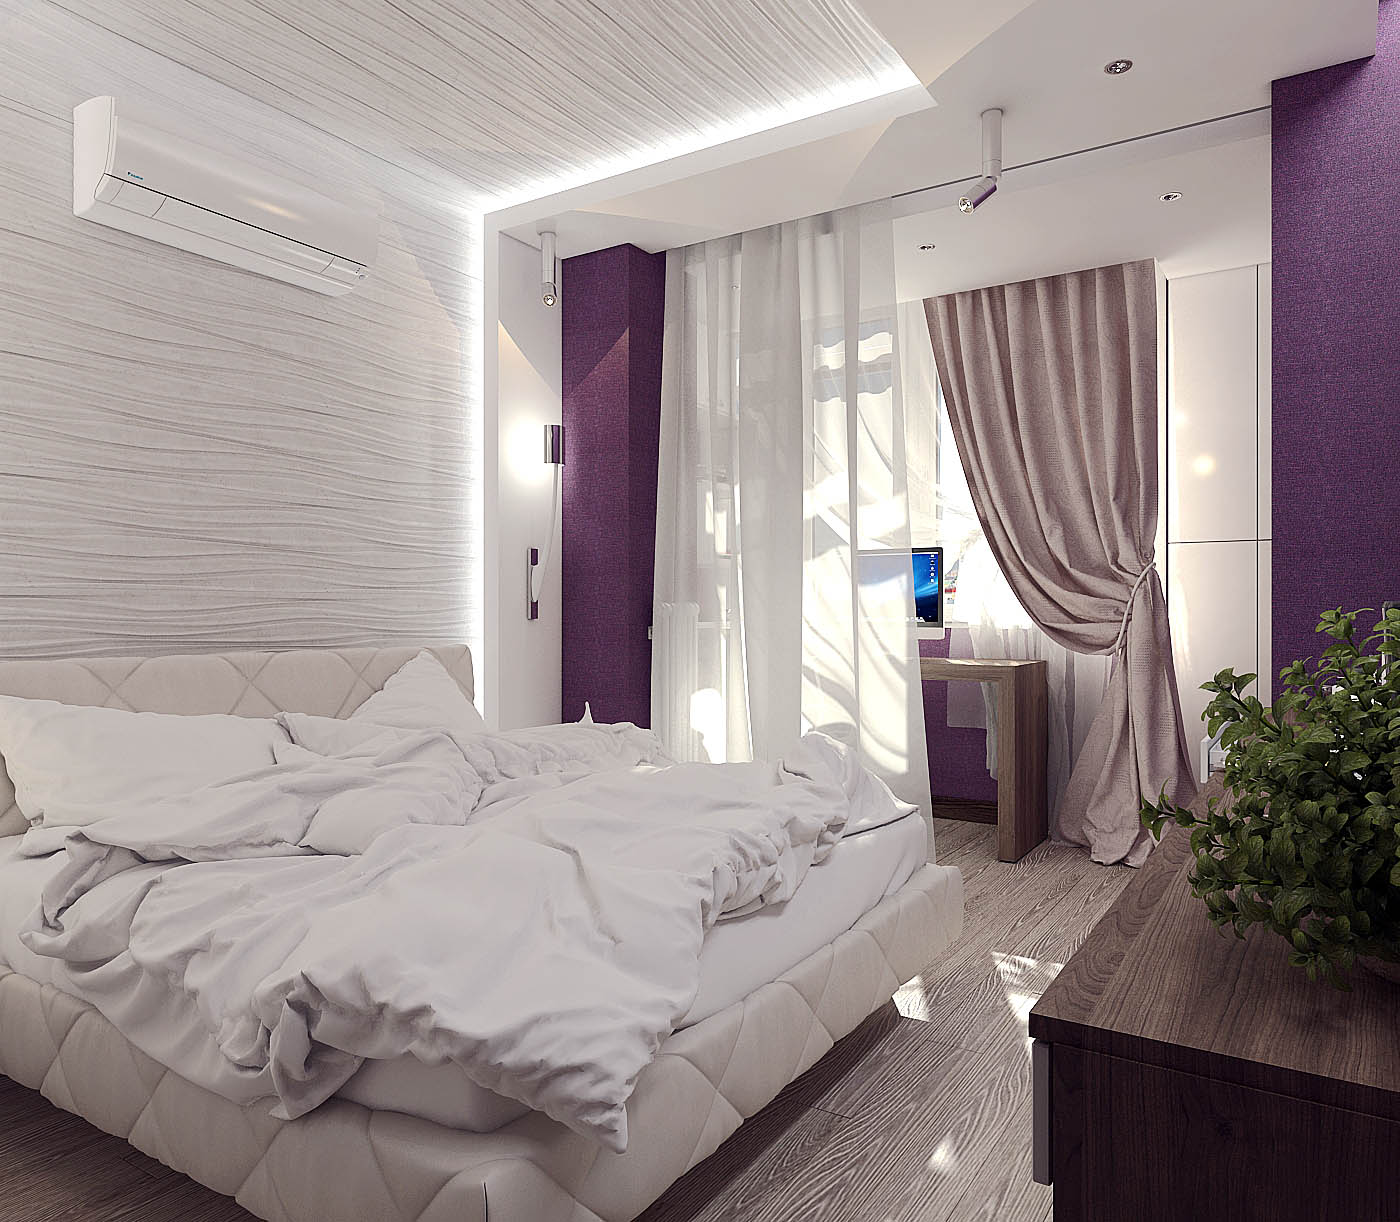 дизайн спальни для молодой пары фото маленький